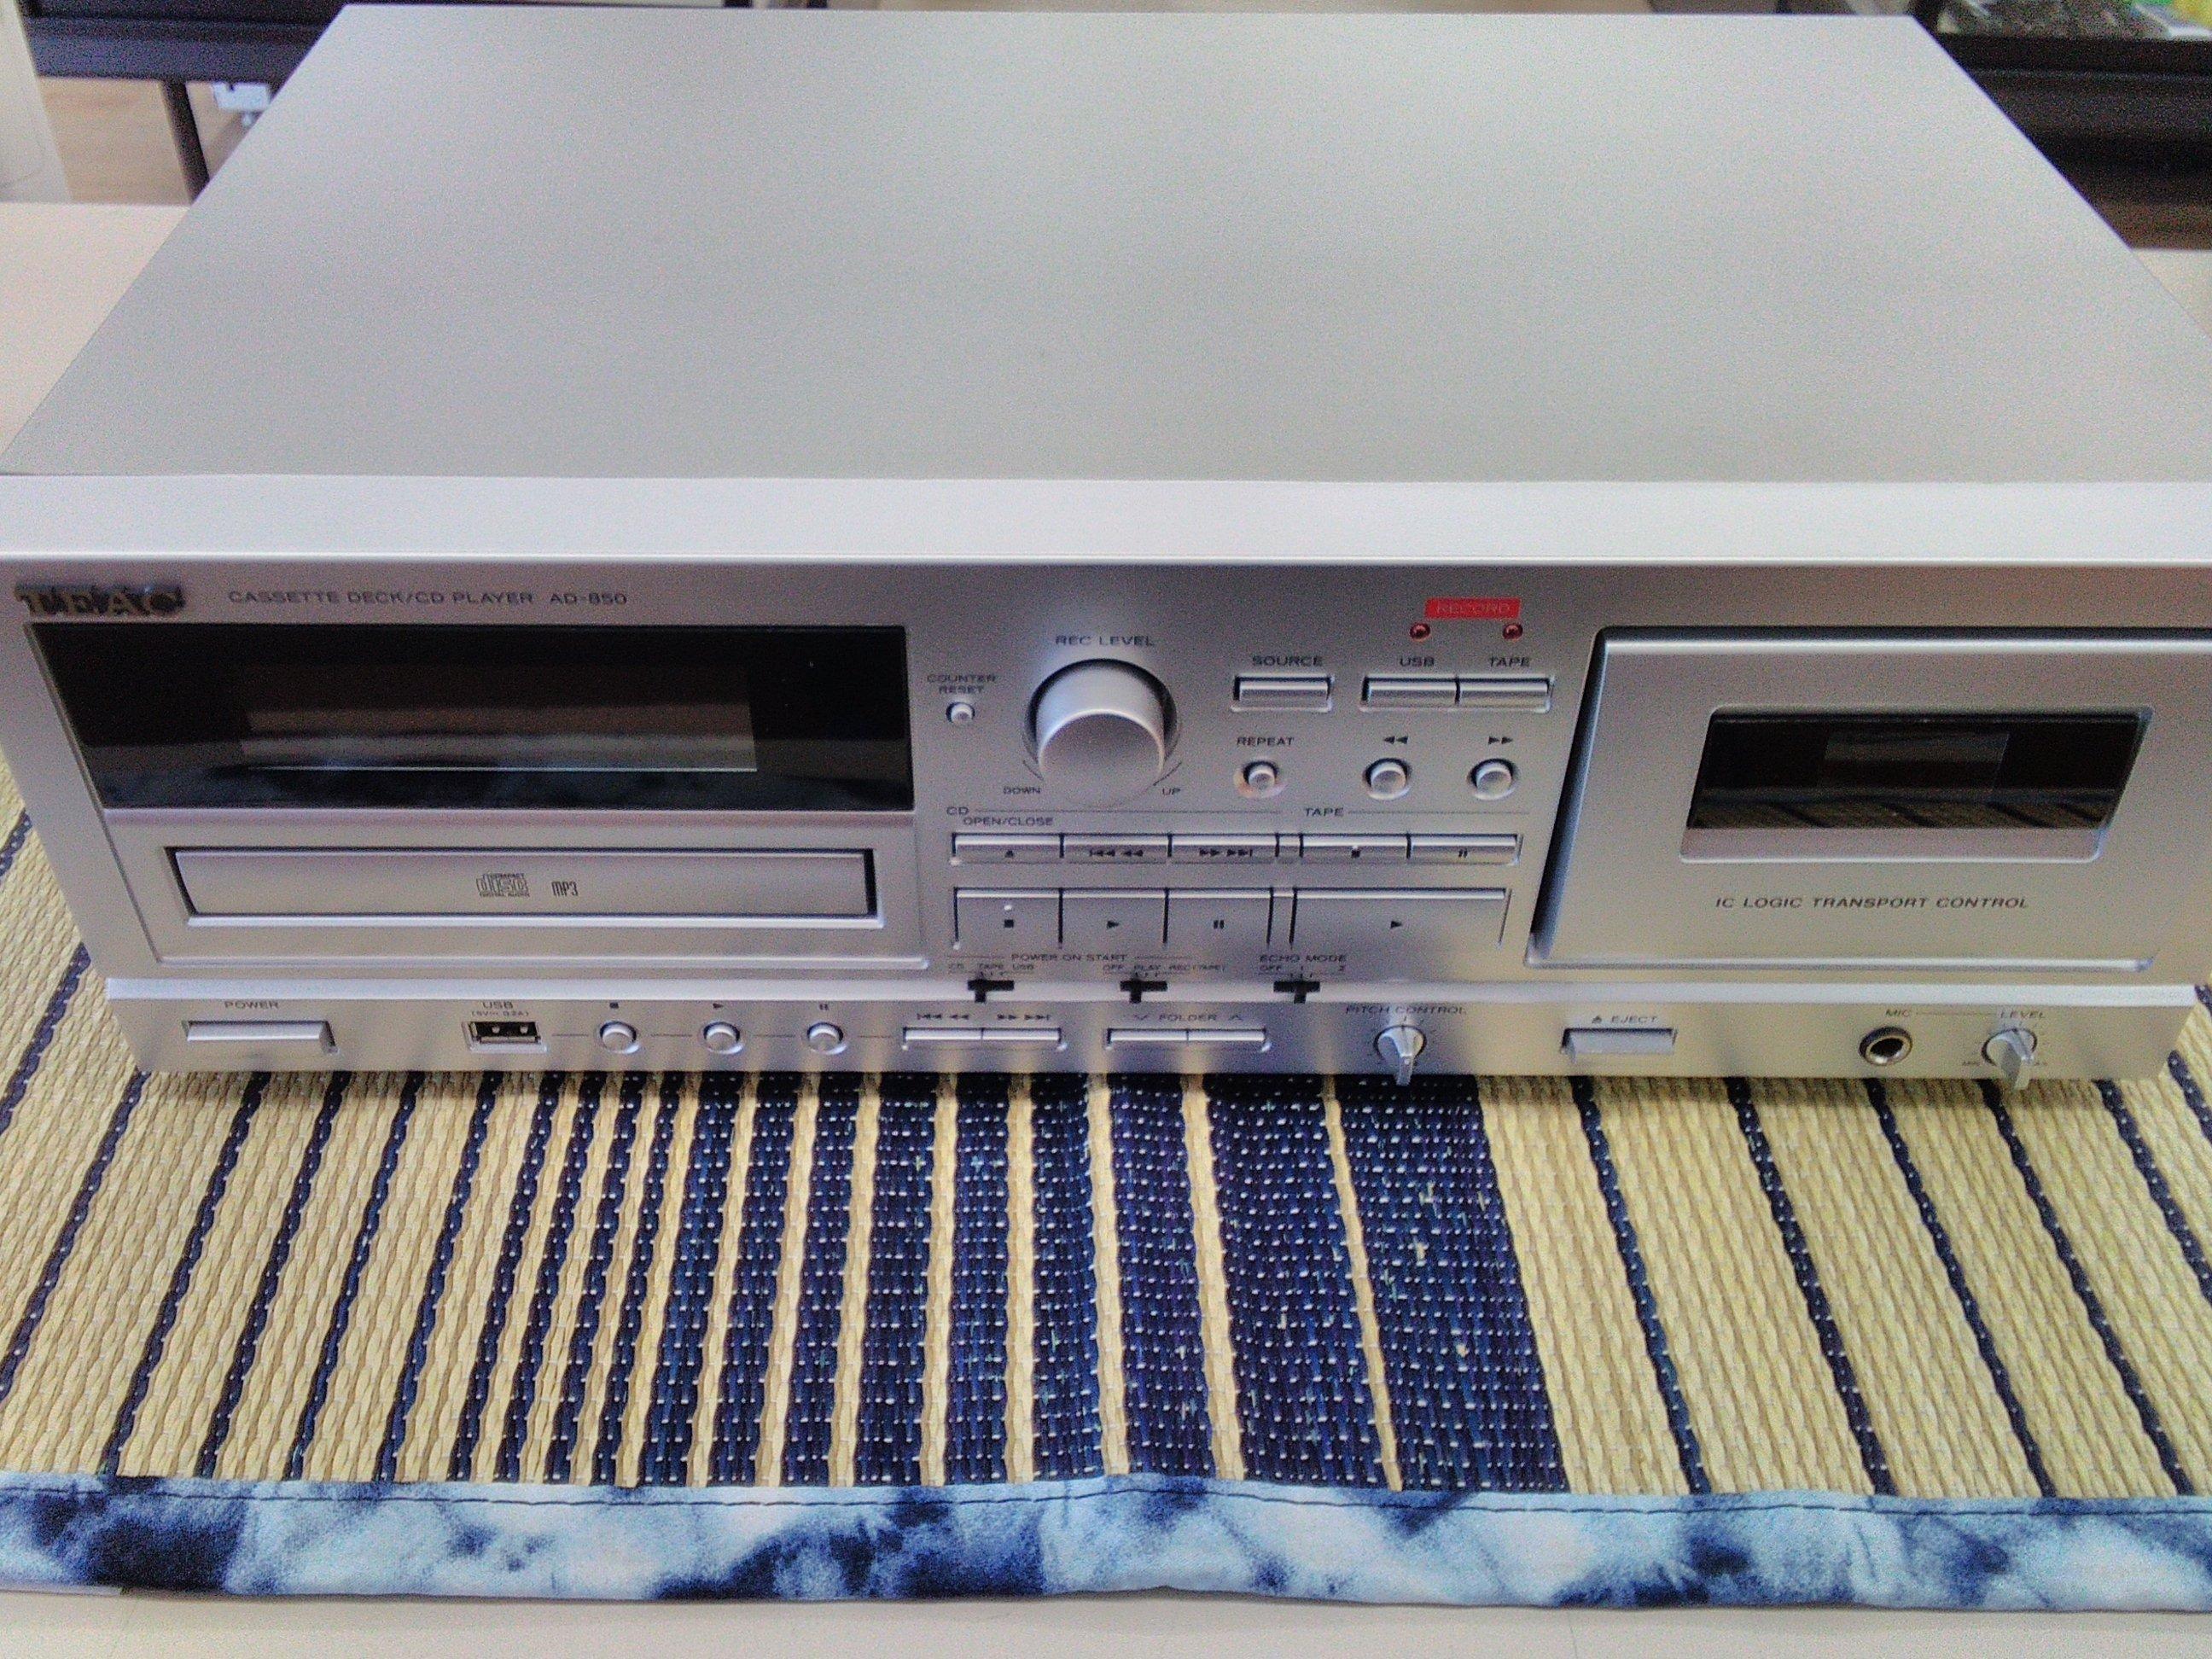 カセット/CDプレーヤー TEAC